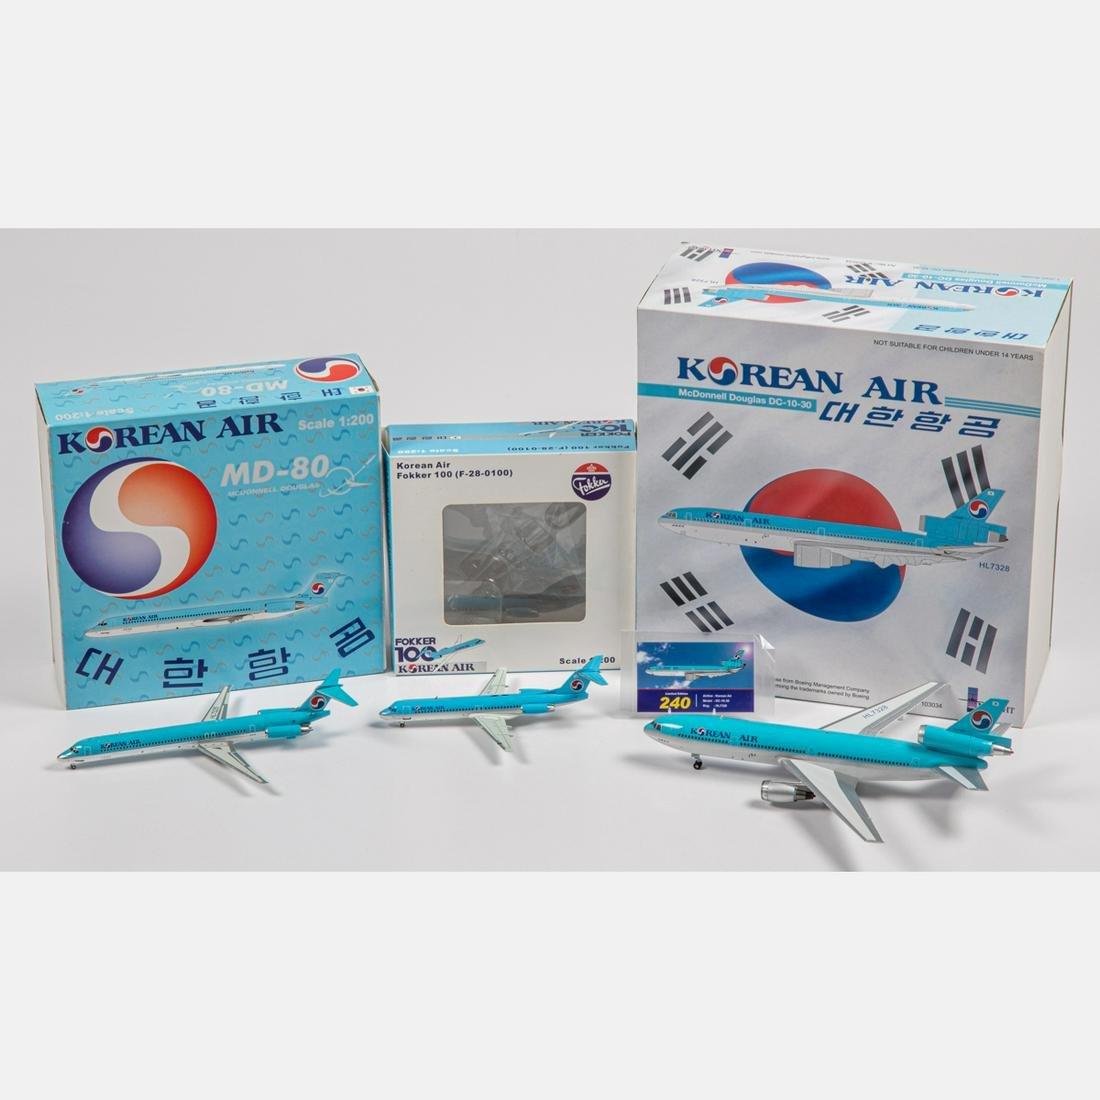 Three Korean Air Diecast Airplanes